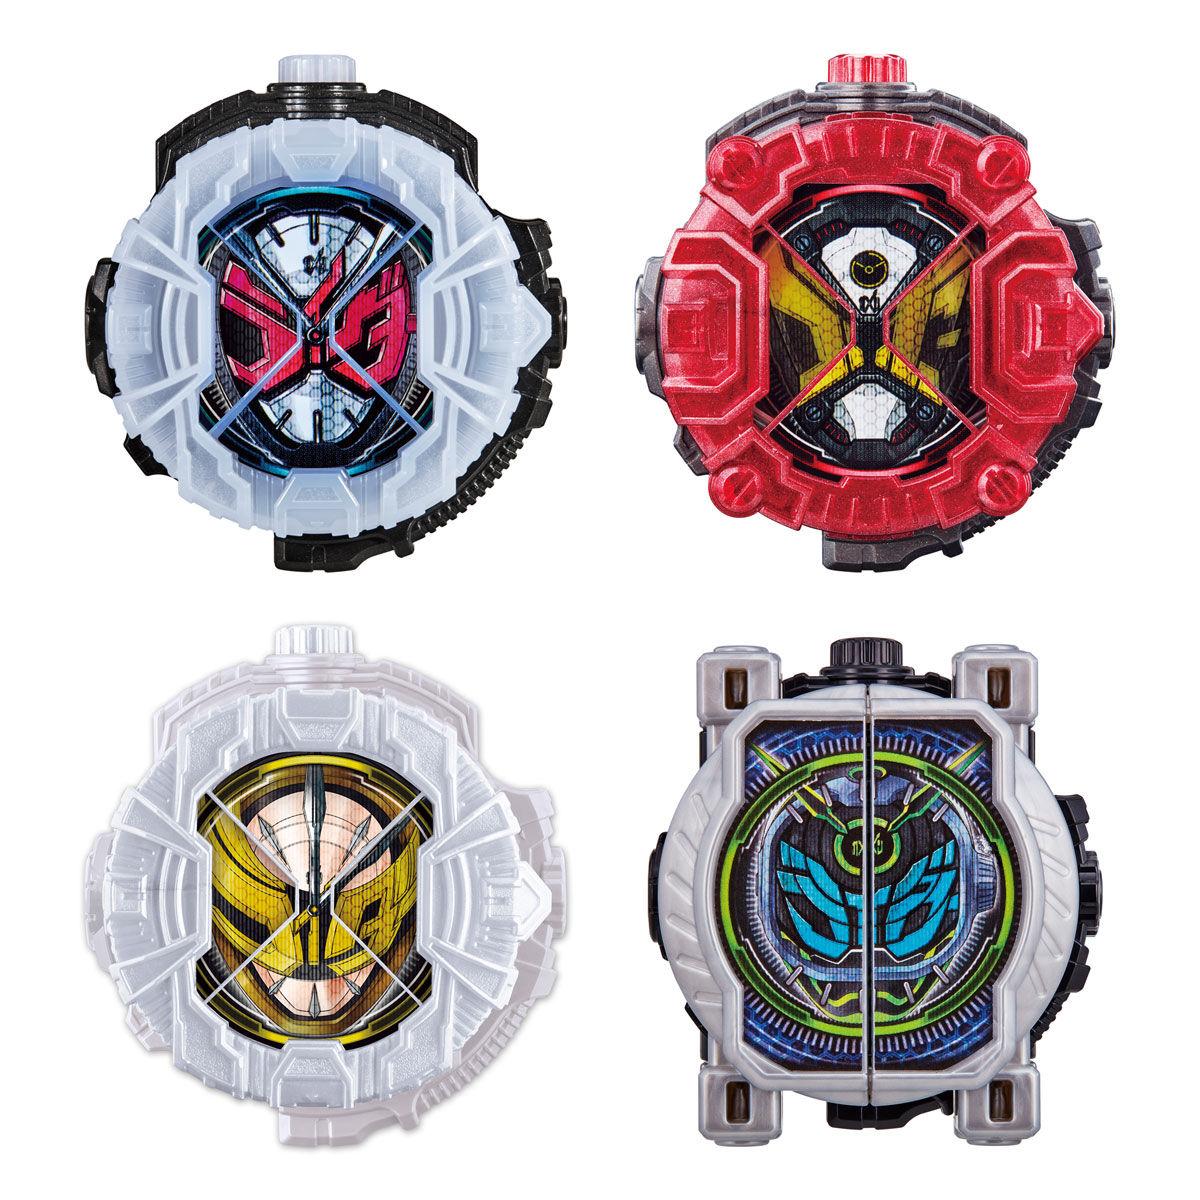 【限定販売】仮面ライダージオウ『DXメモリアルライドウォッチセット』変身なりきり-002